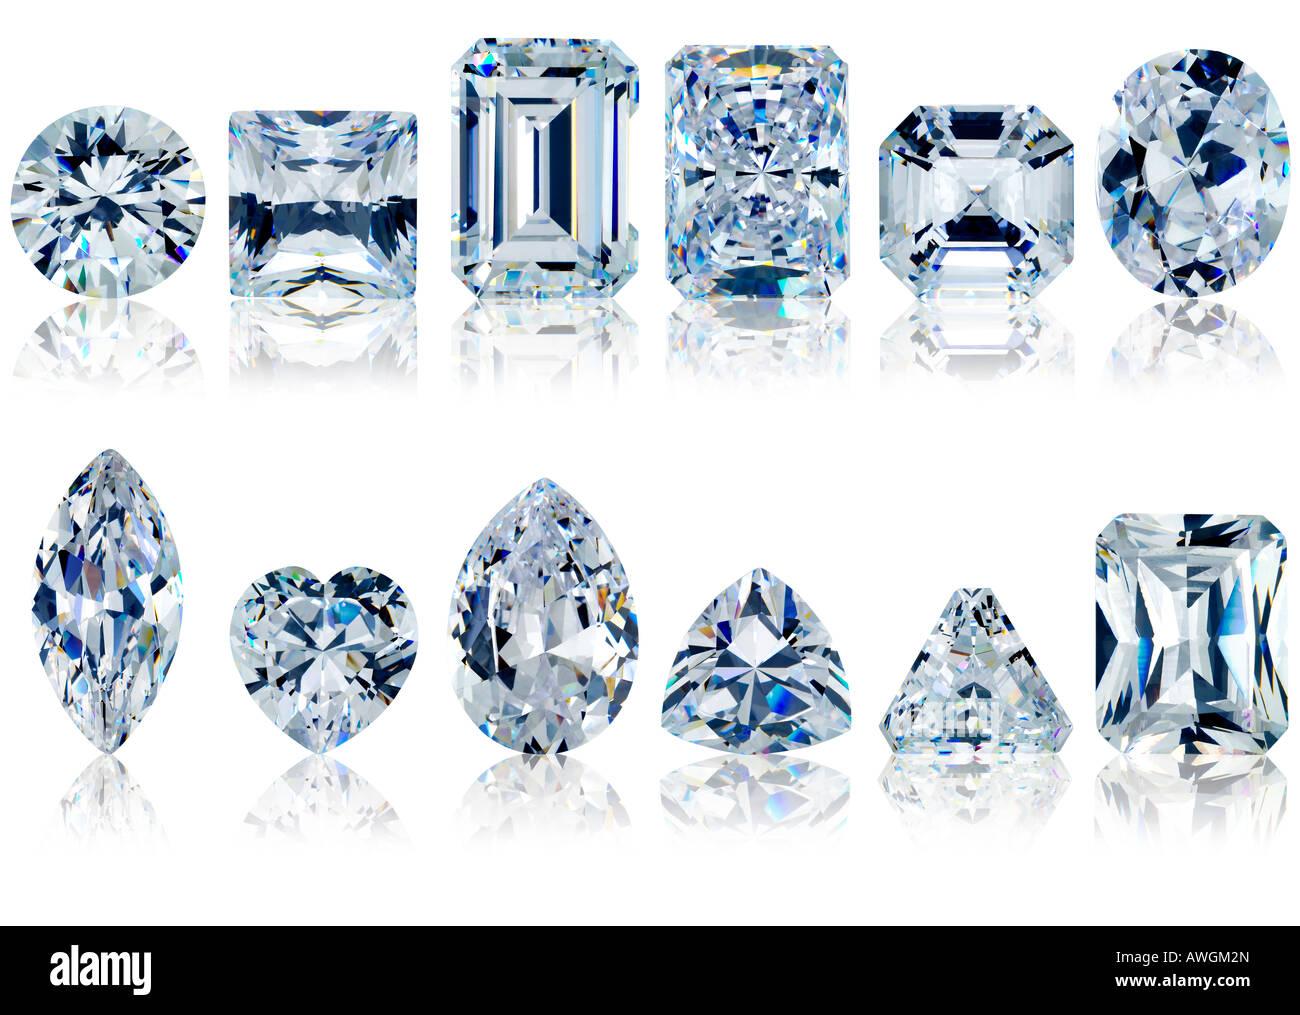 close up white diamonds on white background - Stock Image